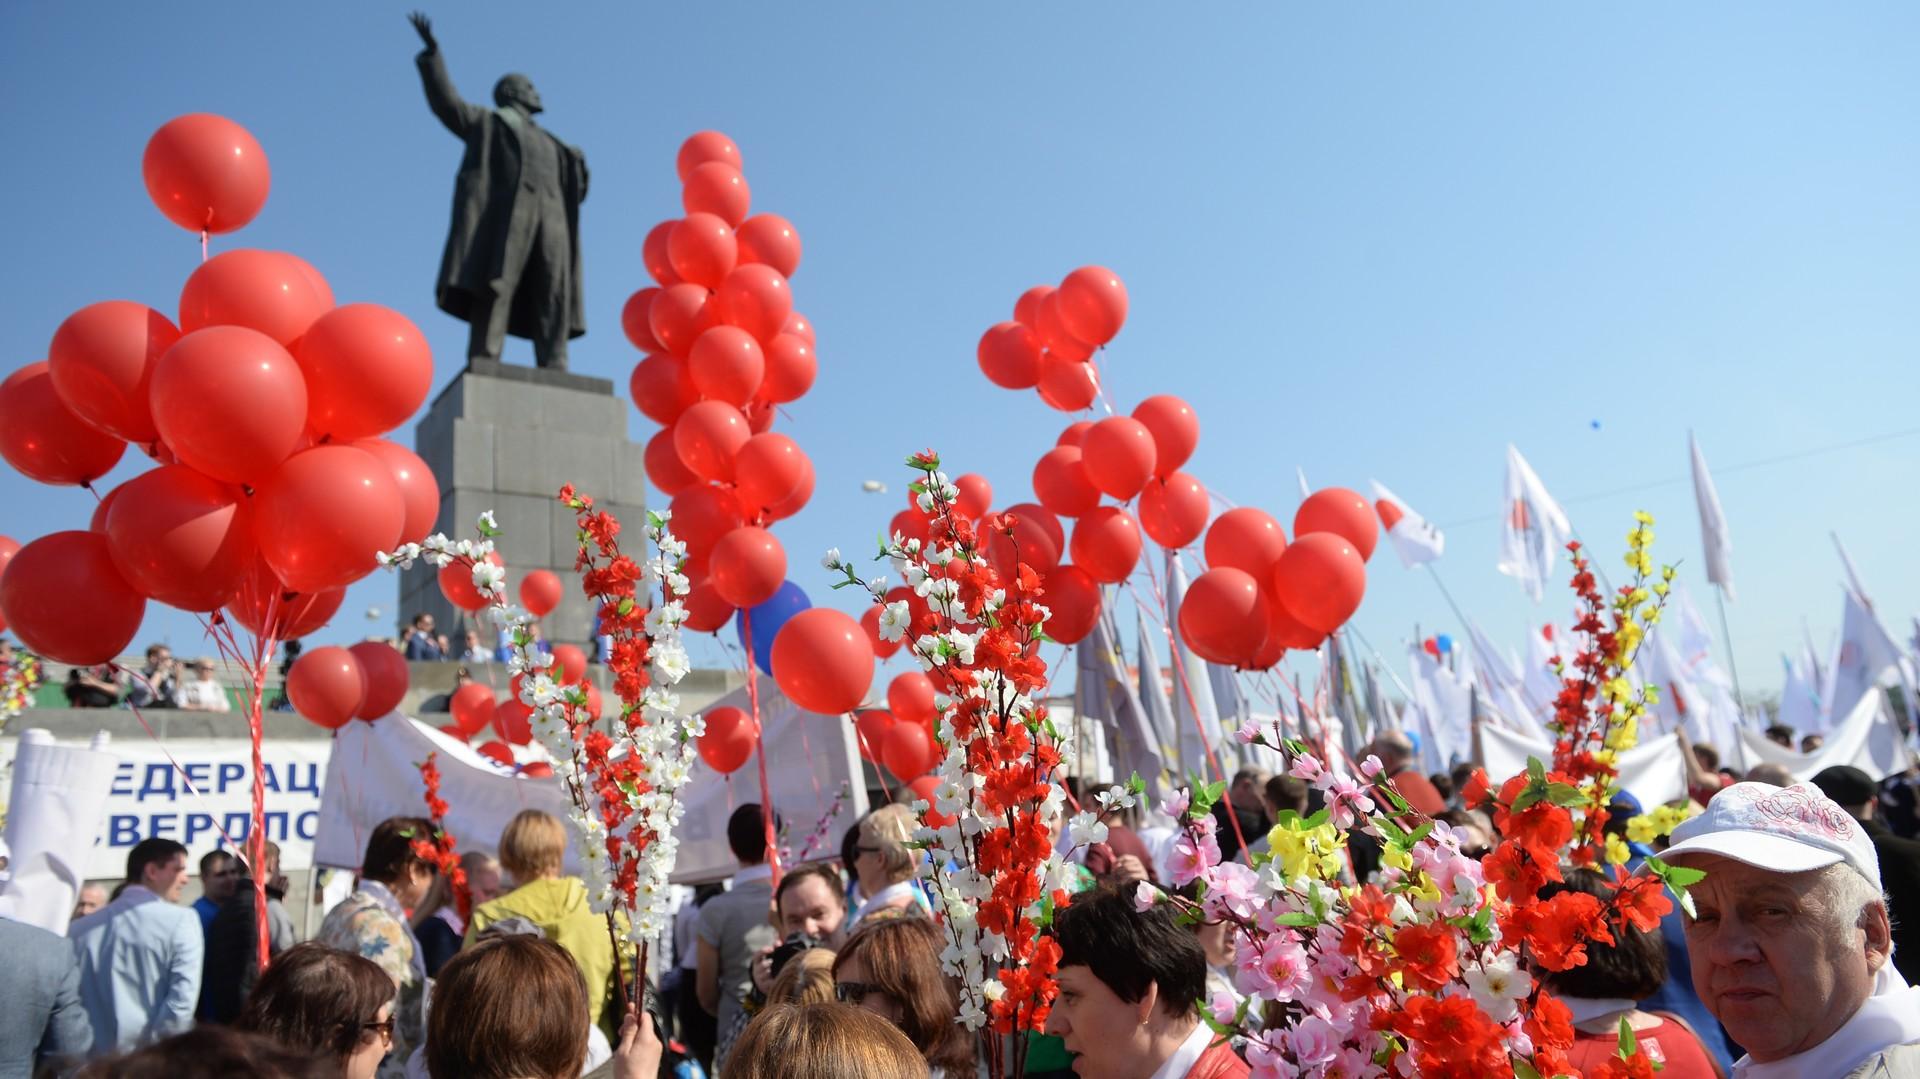 Le défilé du 1er mai à Ekaterinbourg